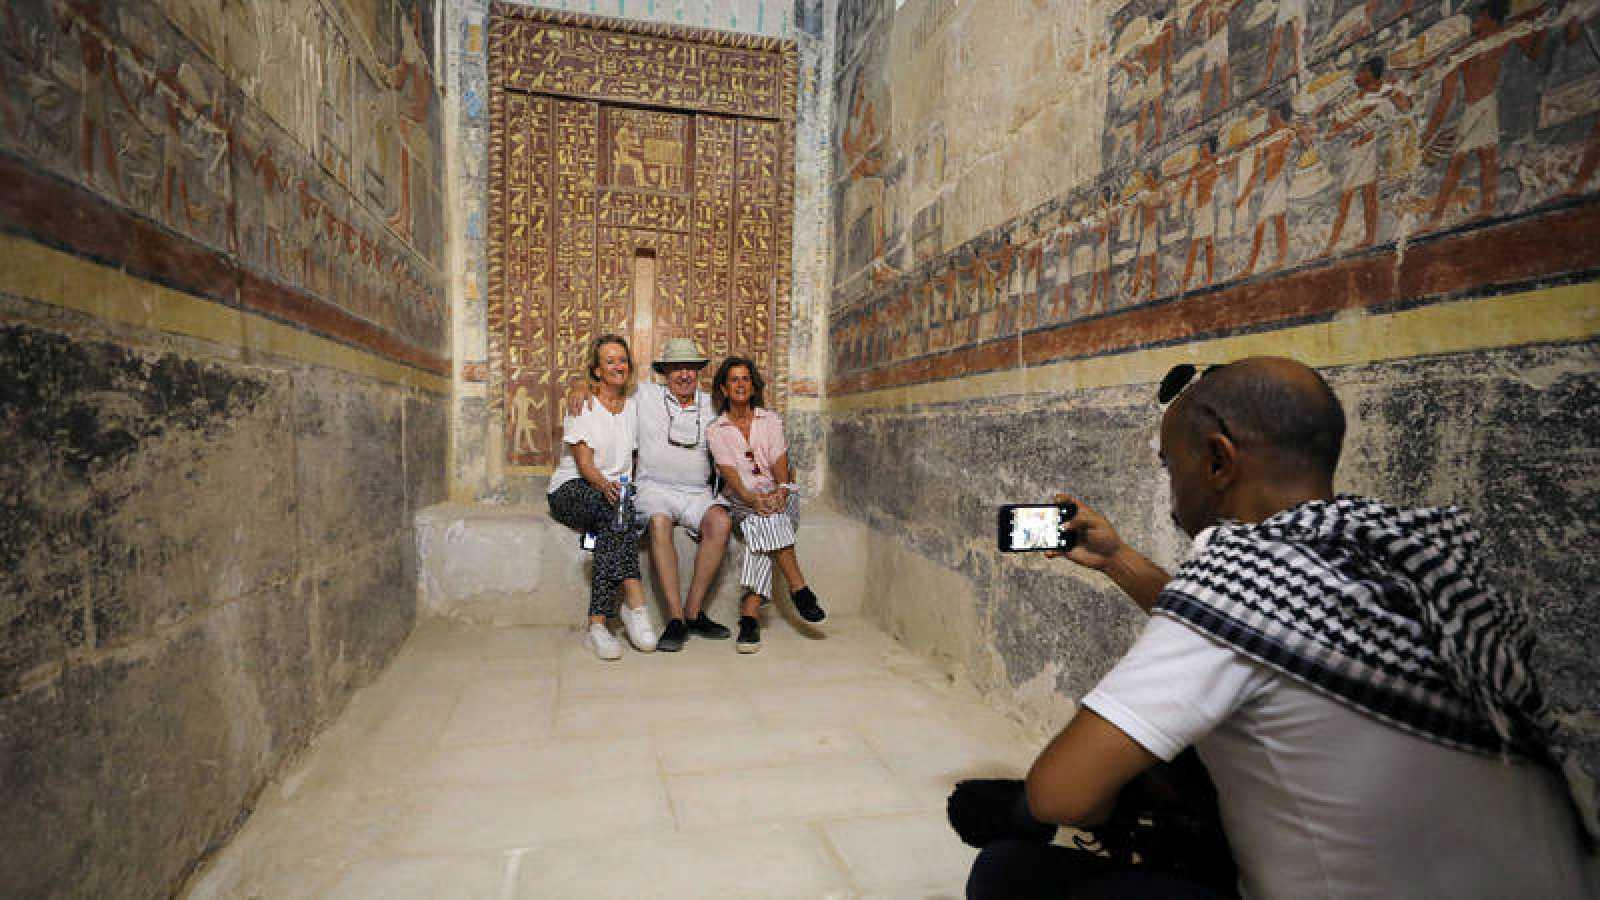 Unos turistas posan para una fotografía en el interior de la tumba de Mehu, en Saqara